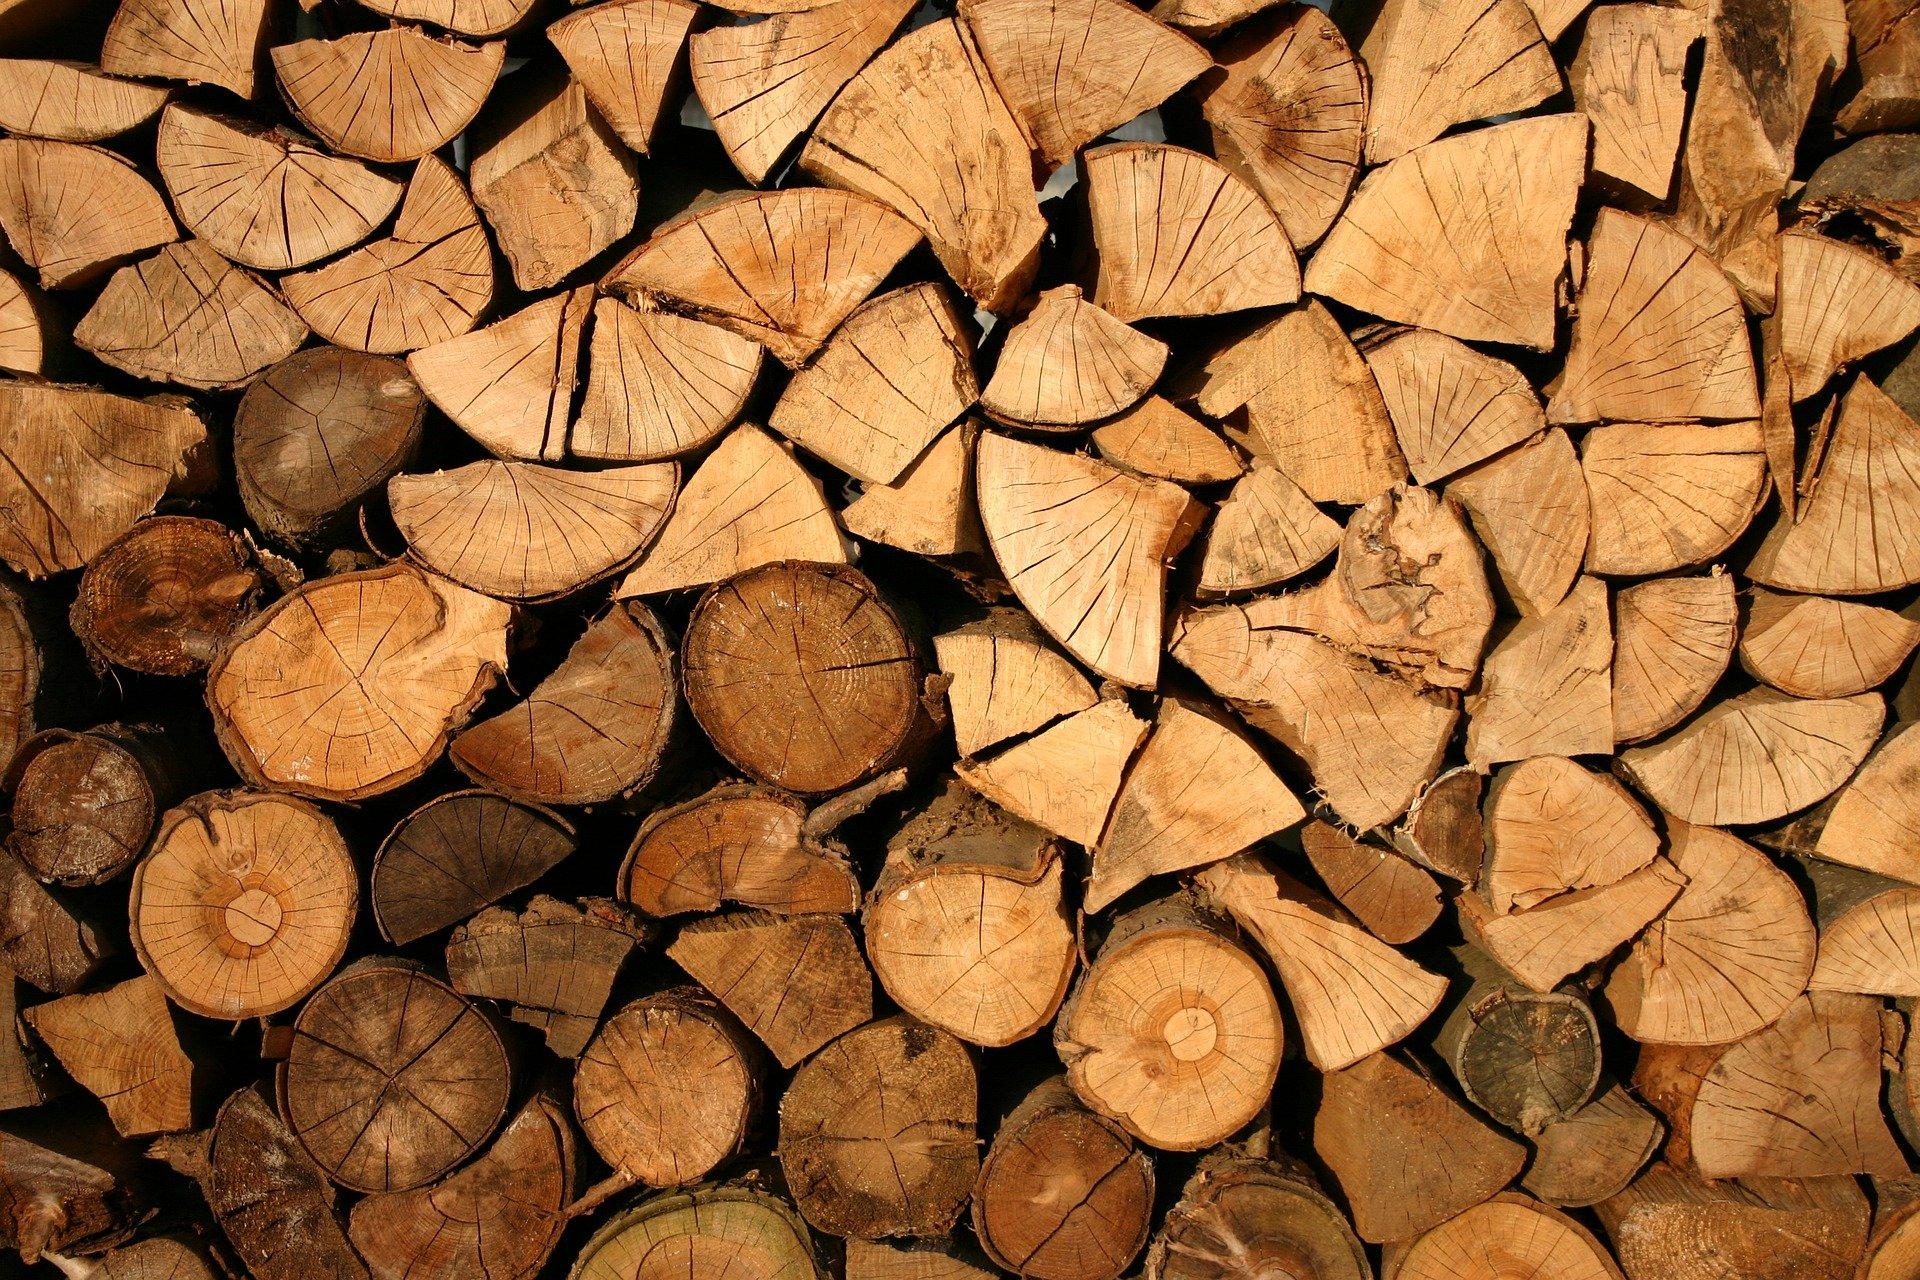 wood-1846059_1920